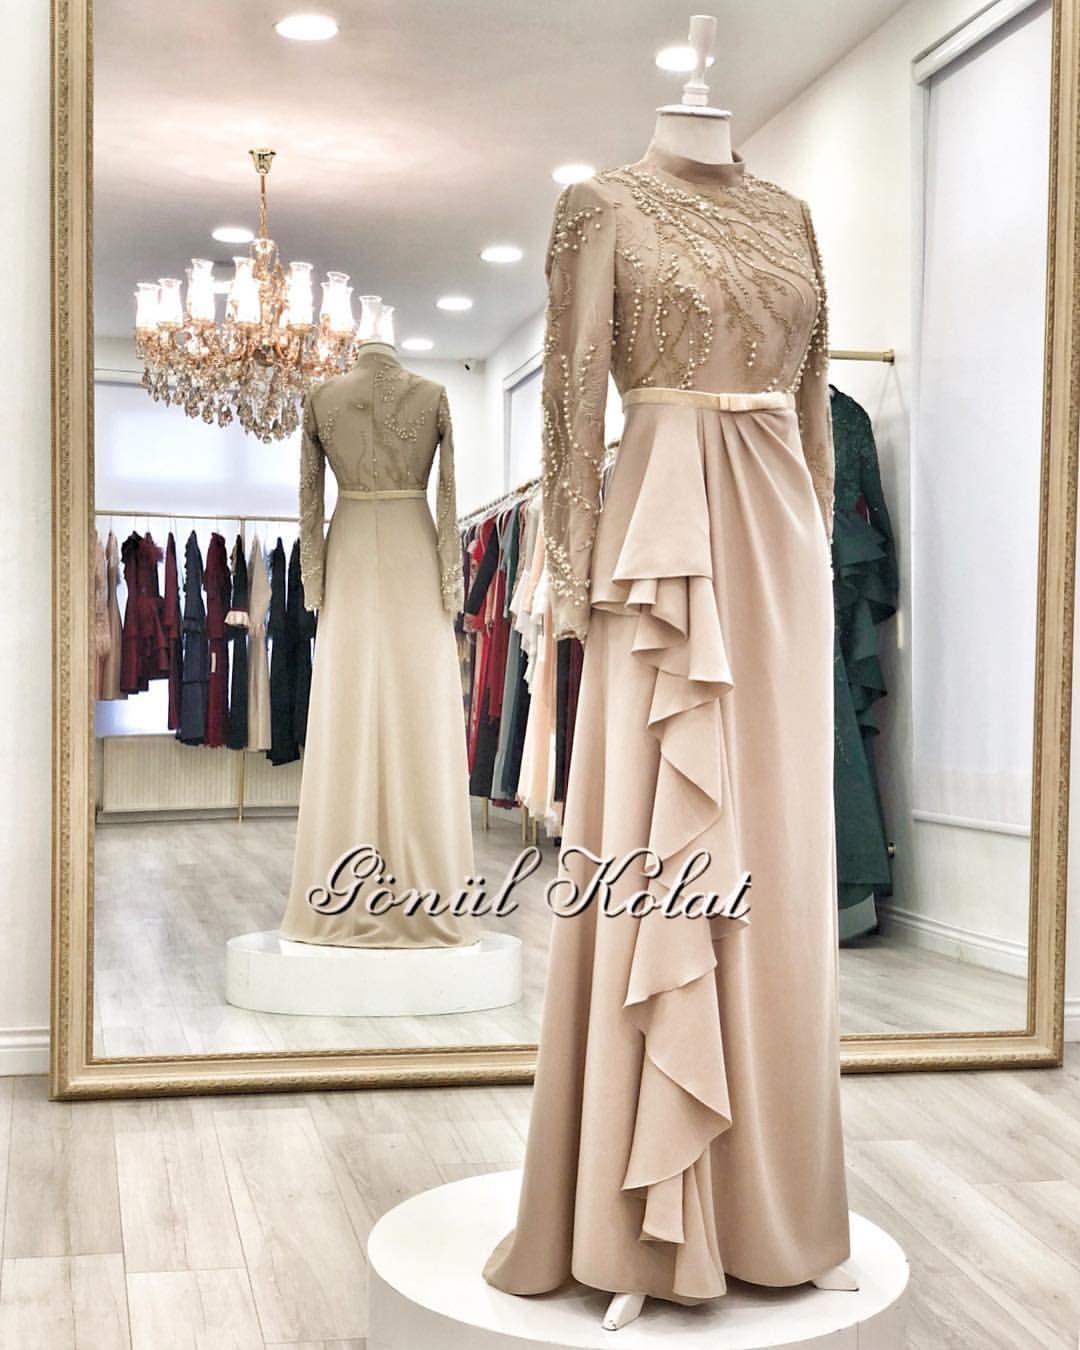 Desain dress  Model pakaian muslim, Gaun perempuan, Model baju wanita